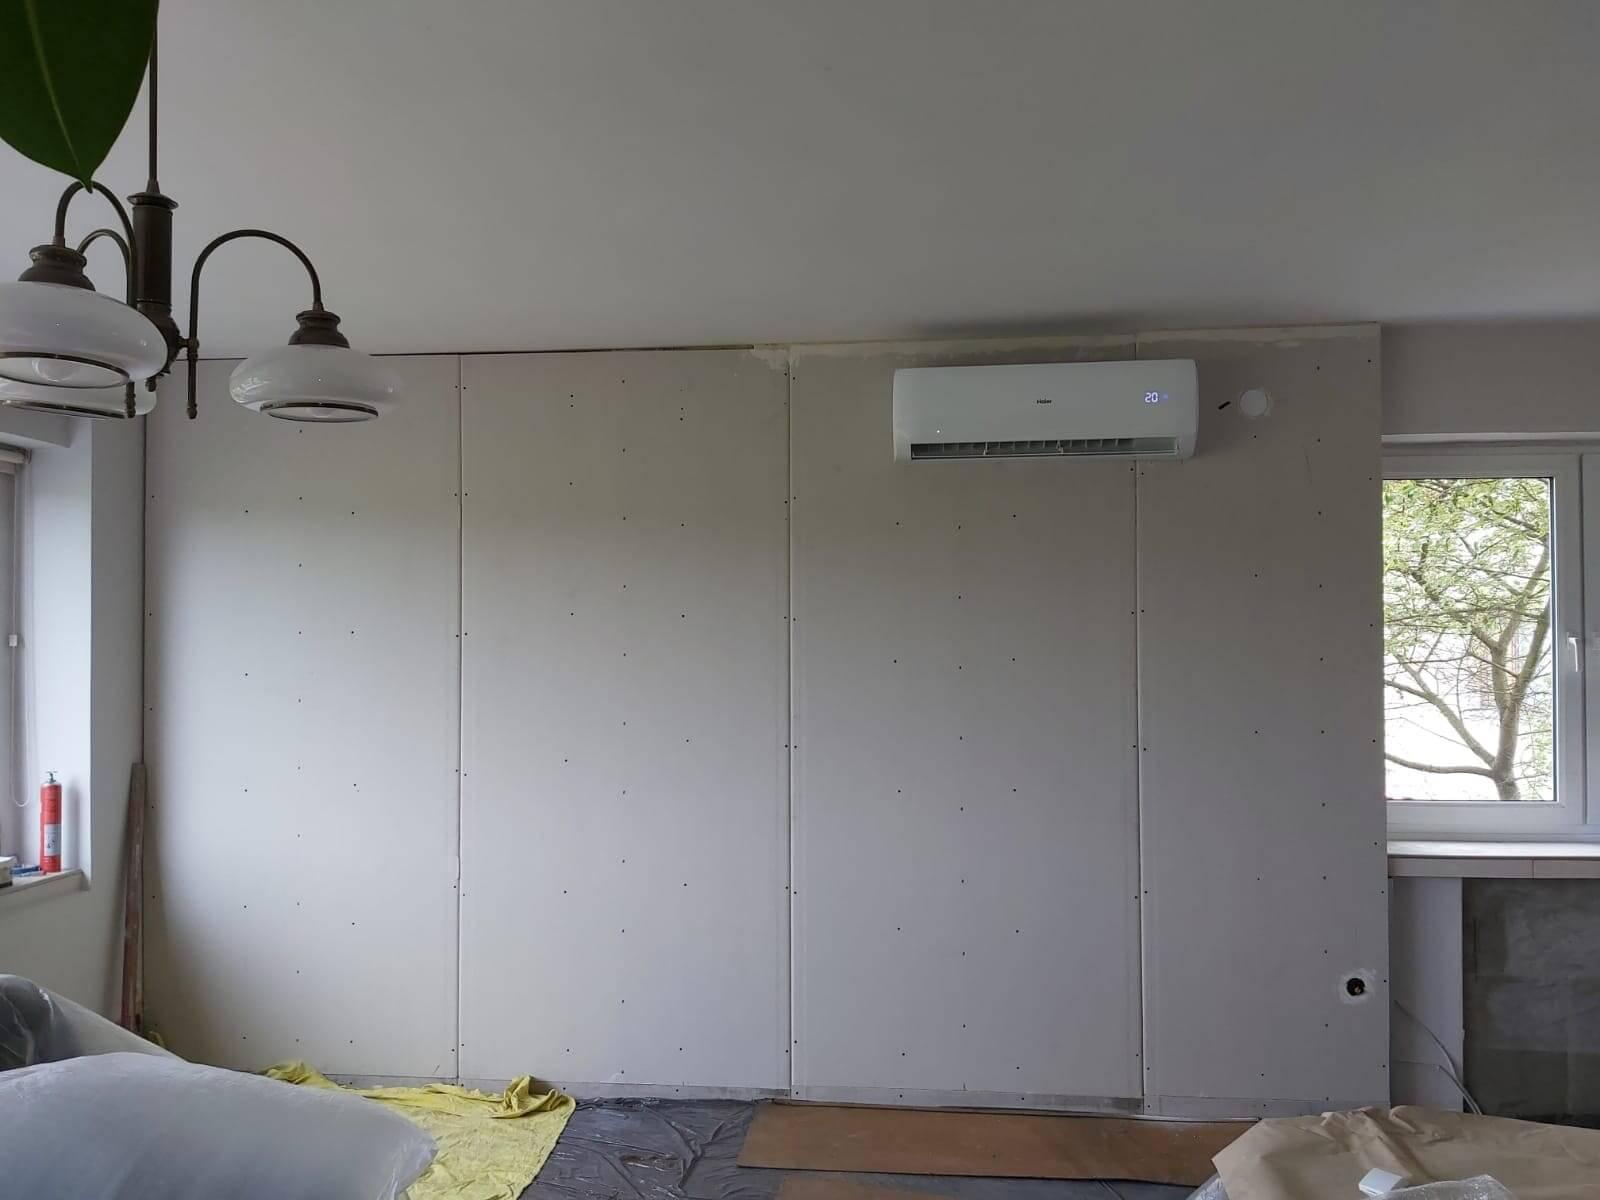 Zamontowana klimatyzacja ścienna